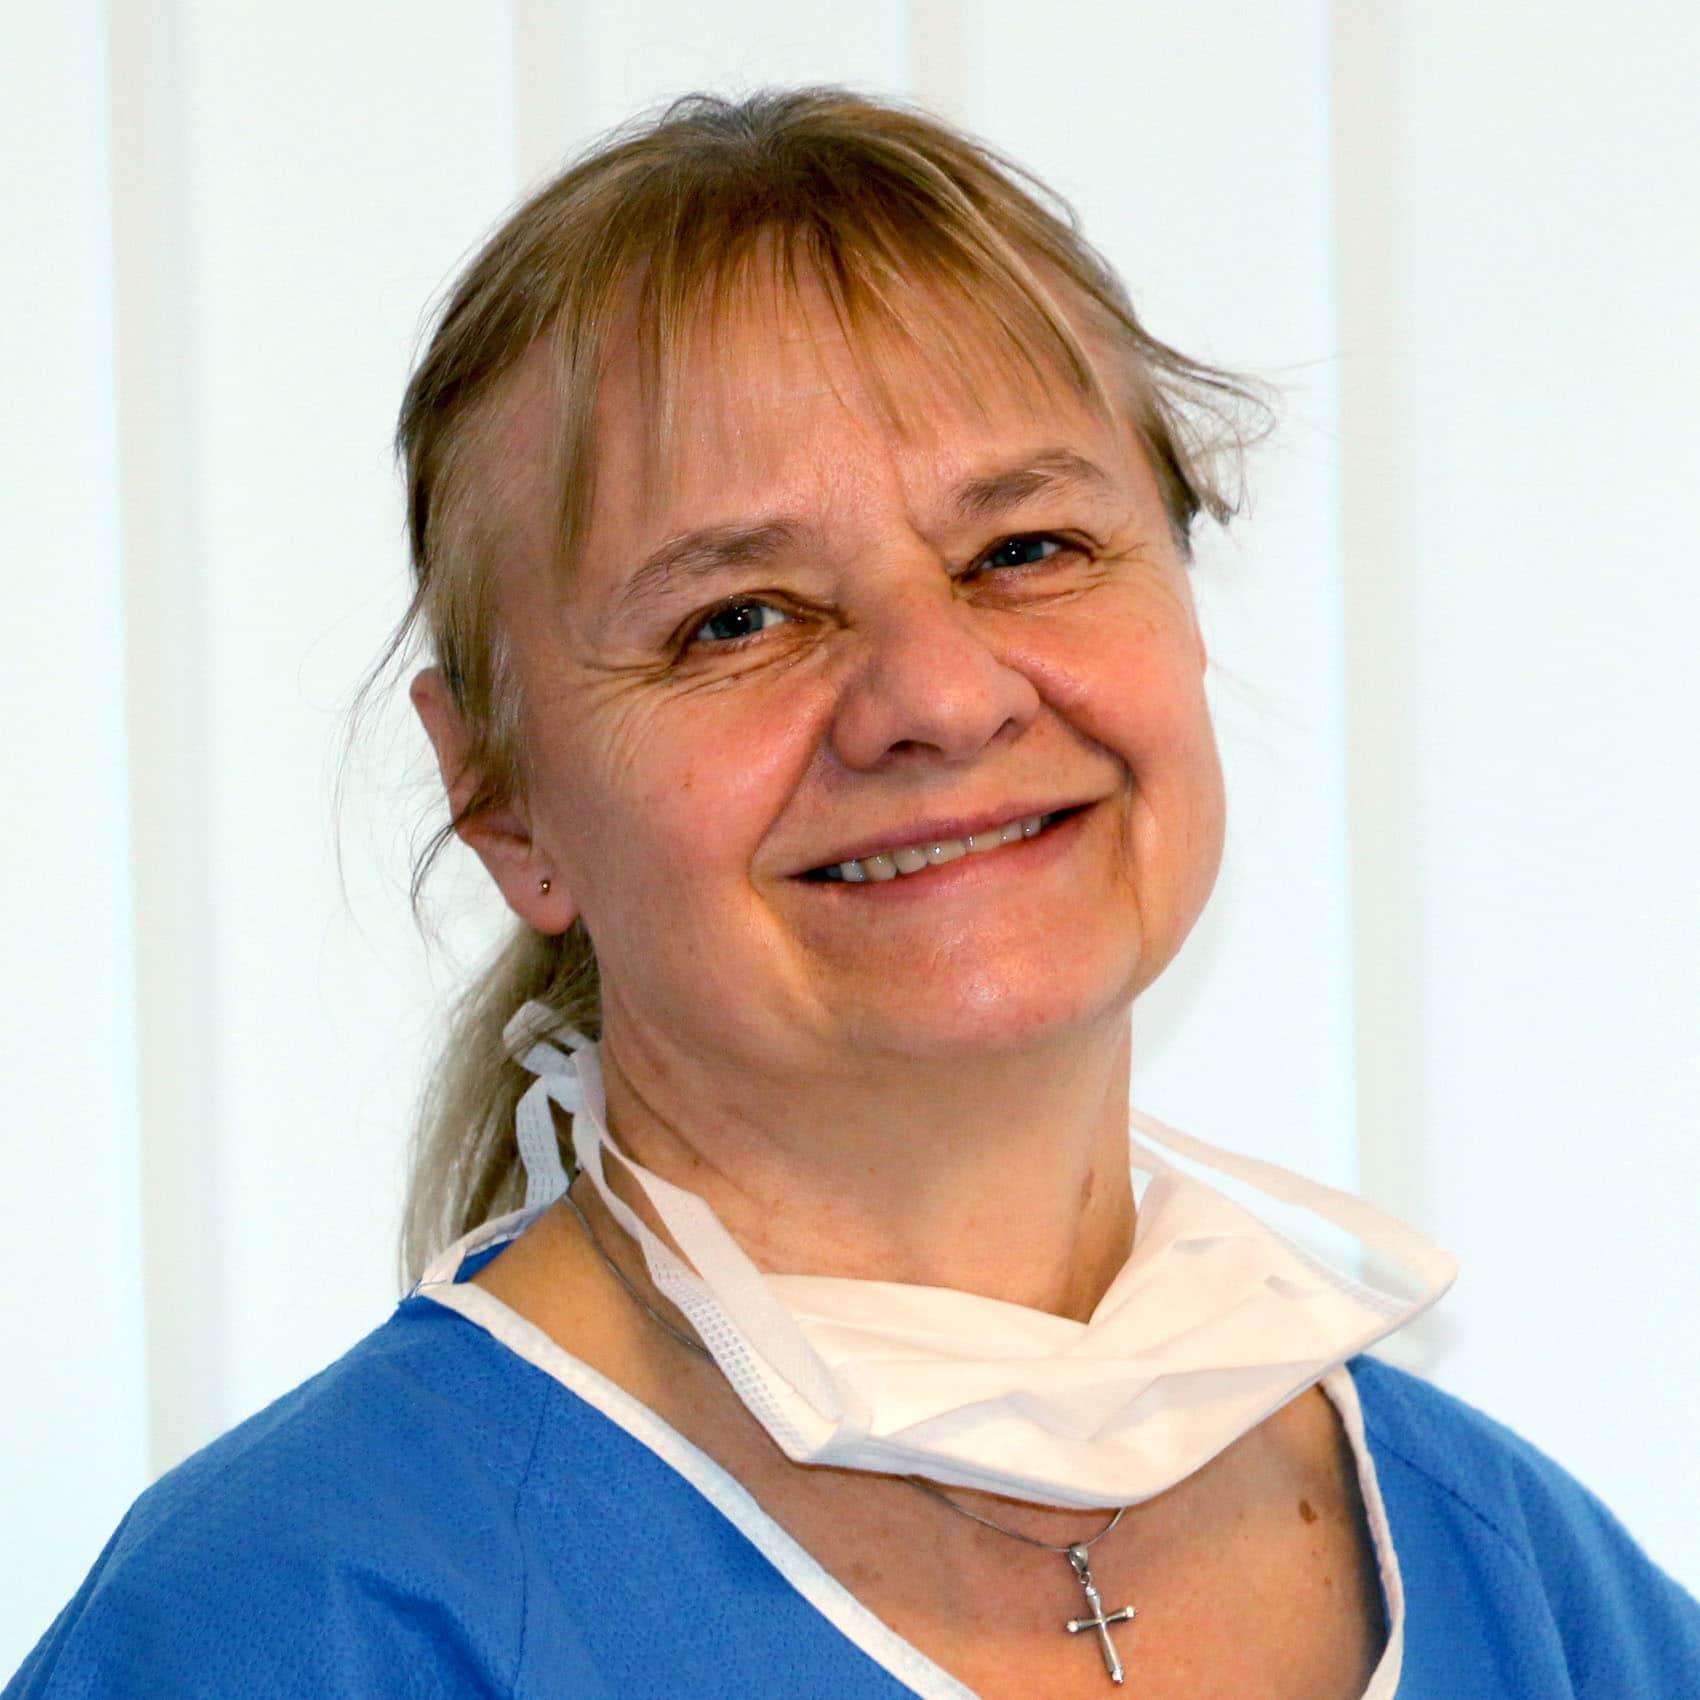 Dr Szűcs Enikő fül-orr-gégész szakorvos